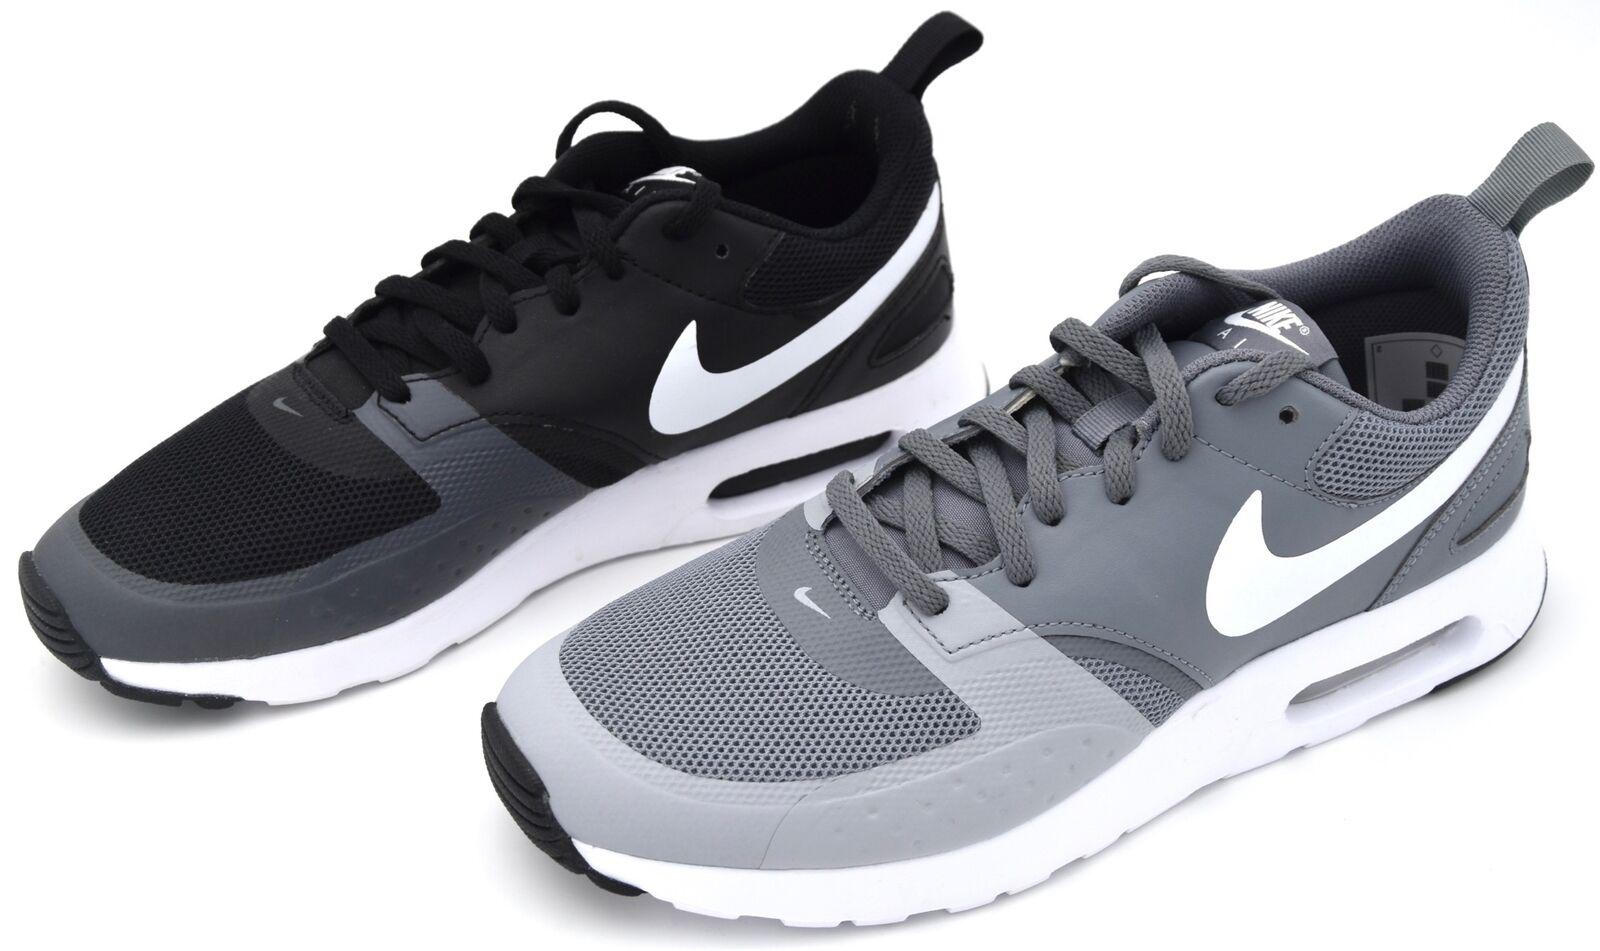 Nike Zapatillas de casual deporte caballero casual de zapatillas casual Art. 918230 Air Max Vision 70d189